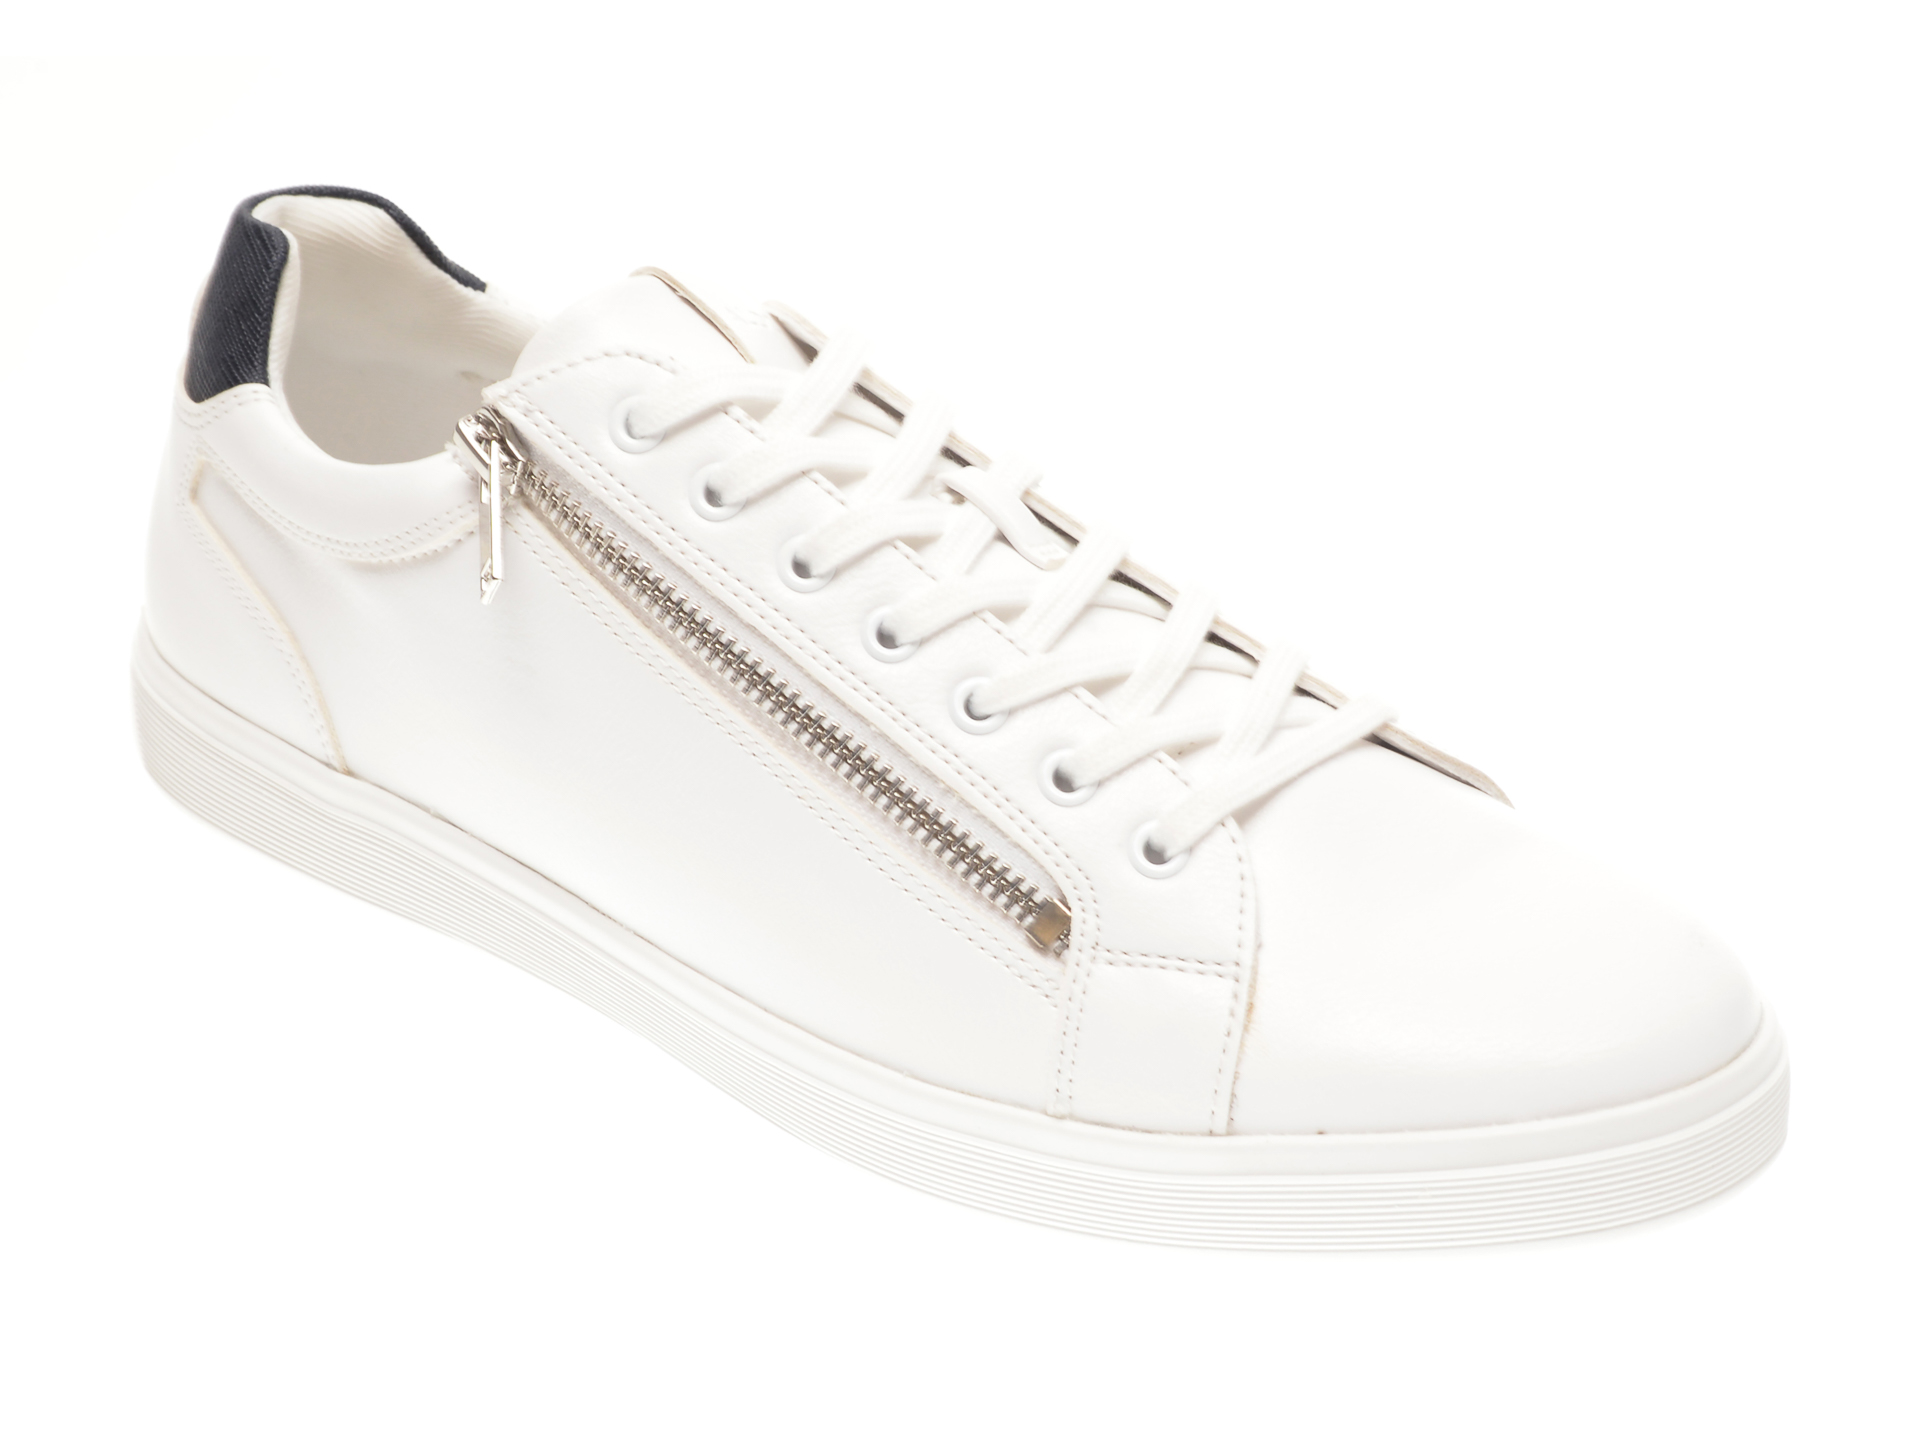 Pantofi ALDO albi, Zaywia110, din piele ecologica imagine